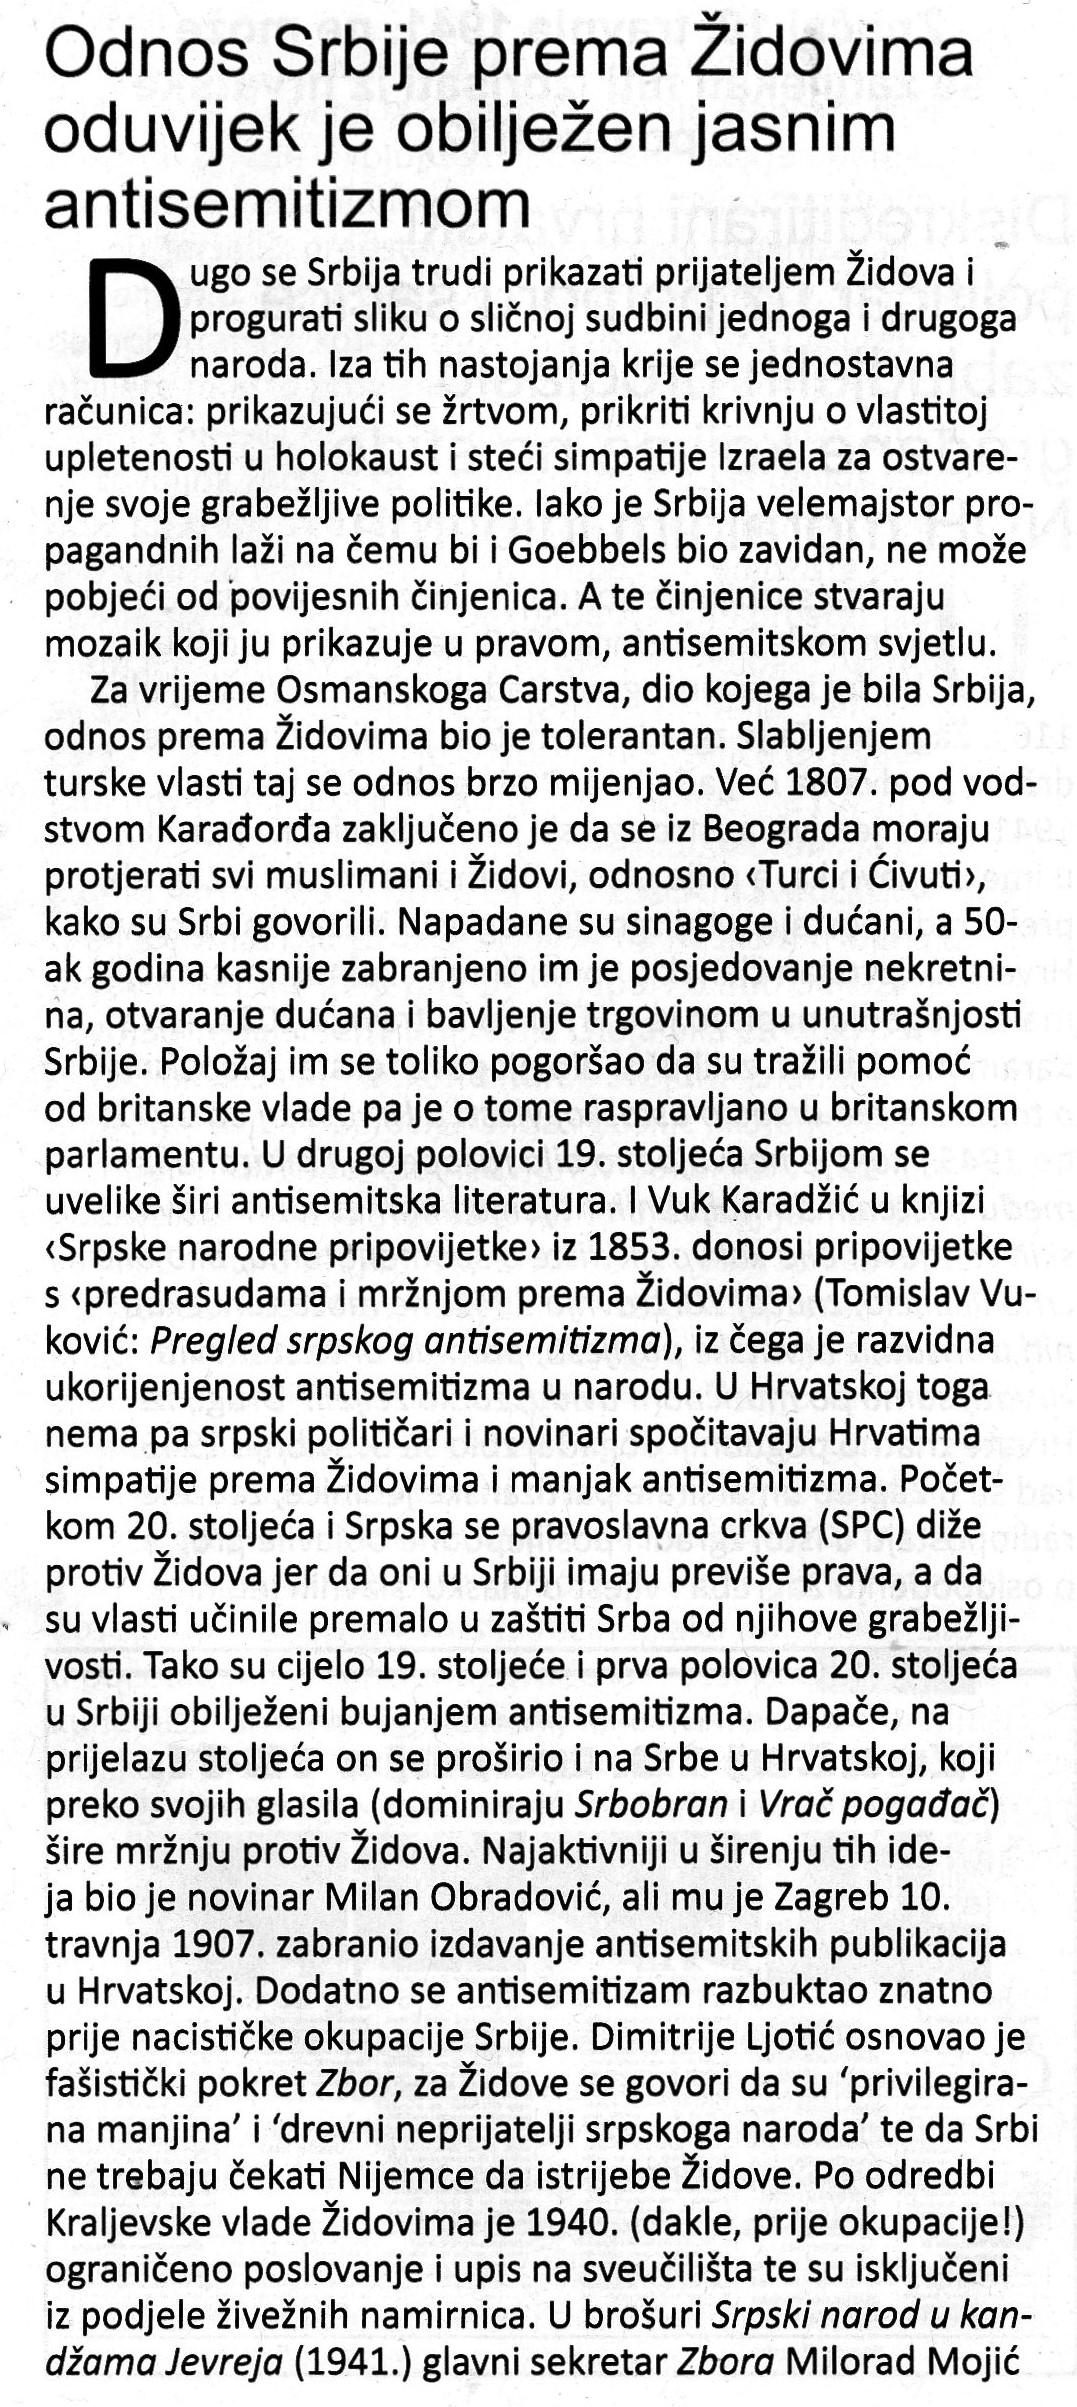 SRPSKI-ANTISEMITIZAM-A